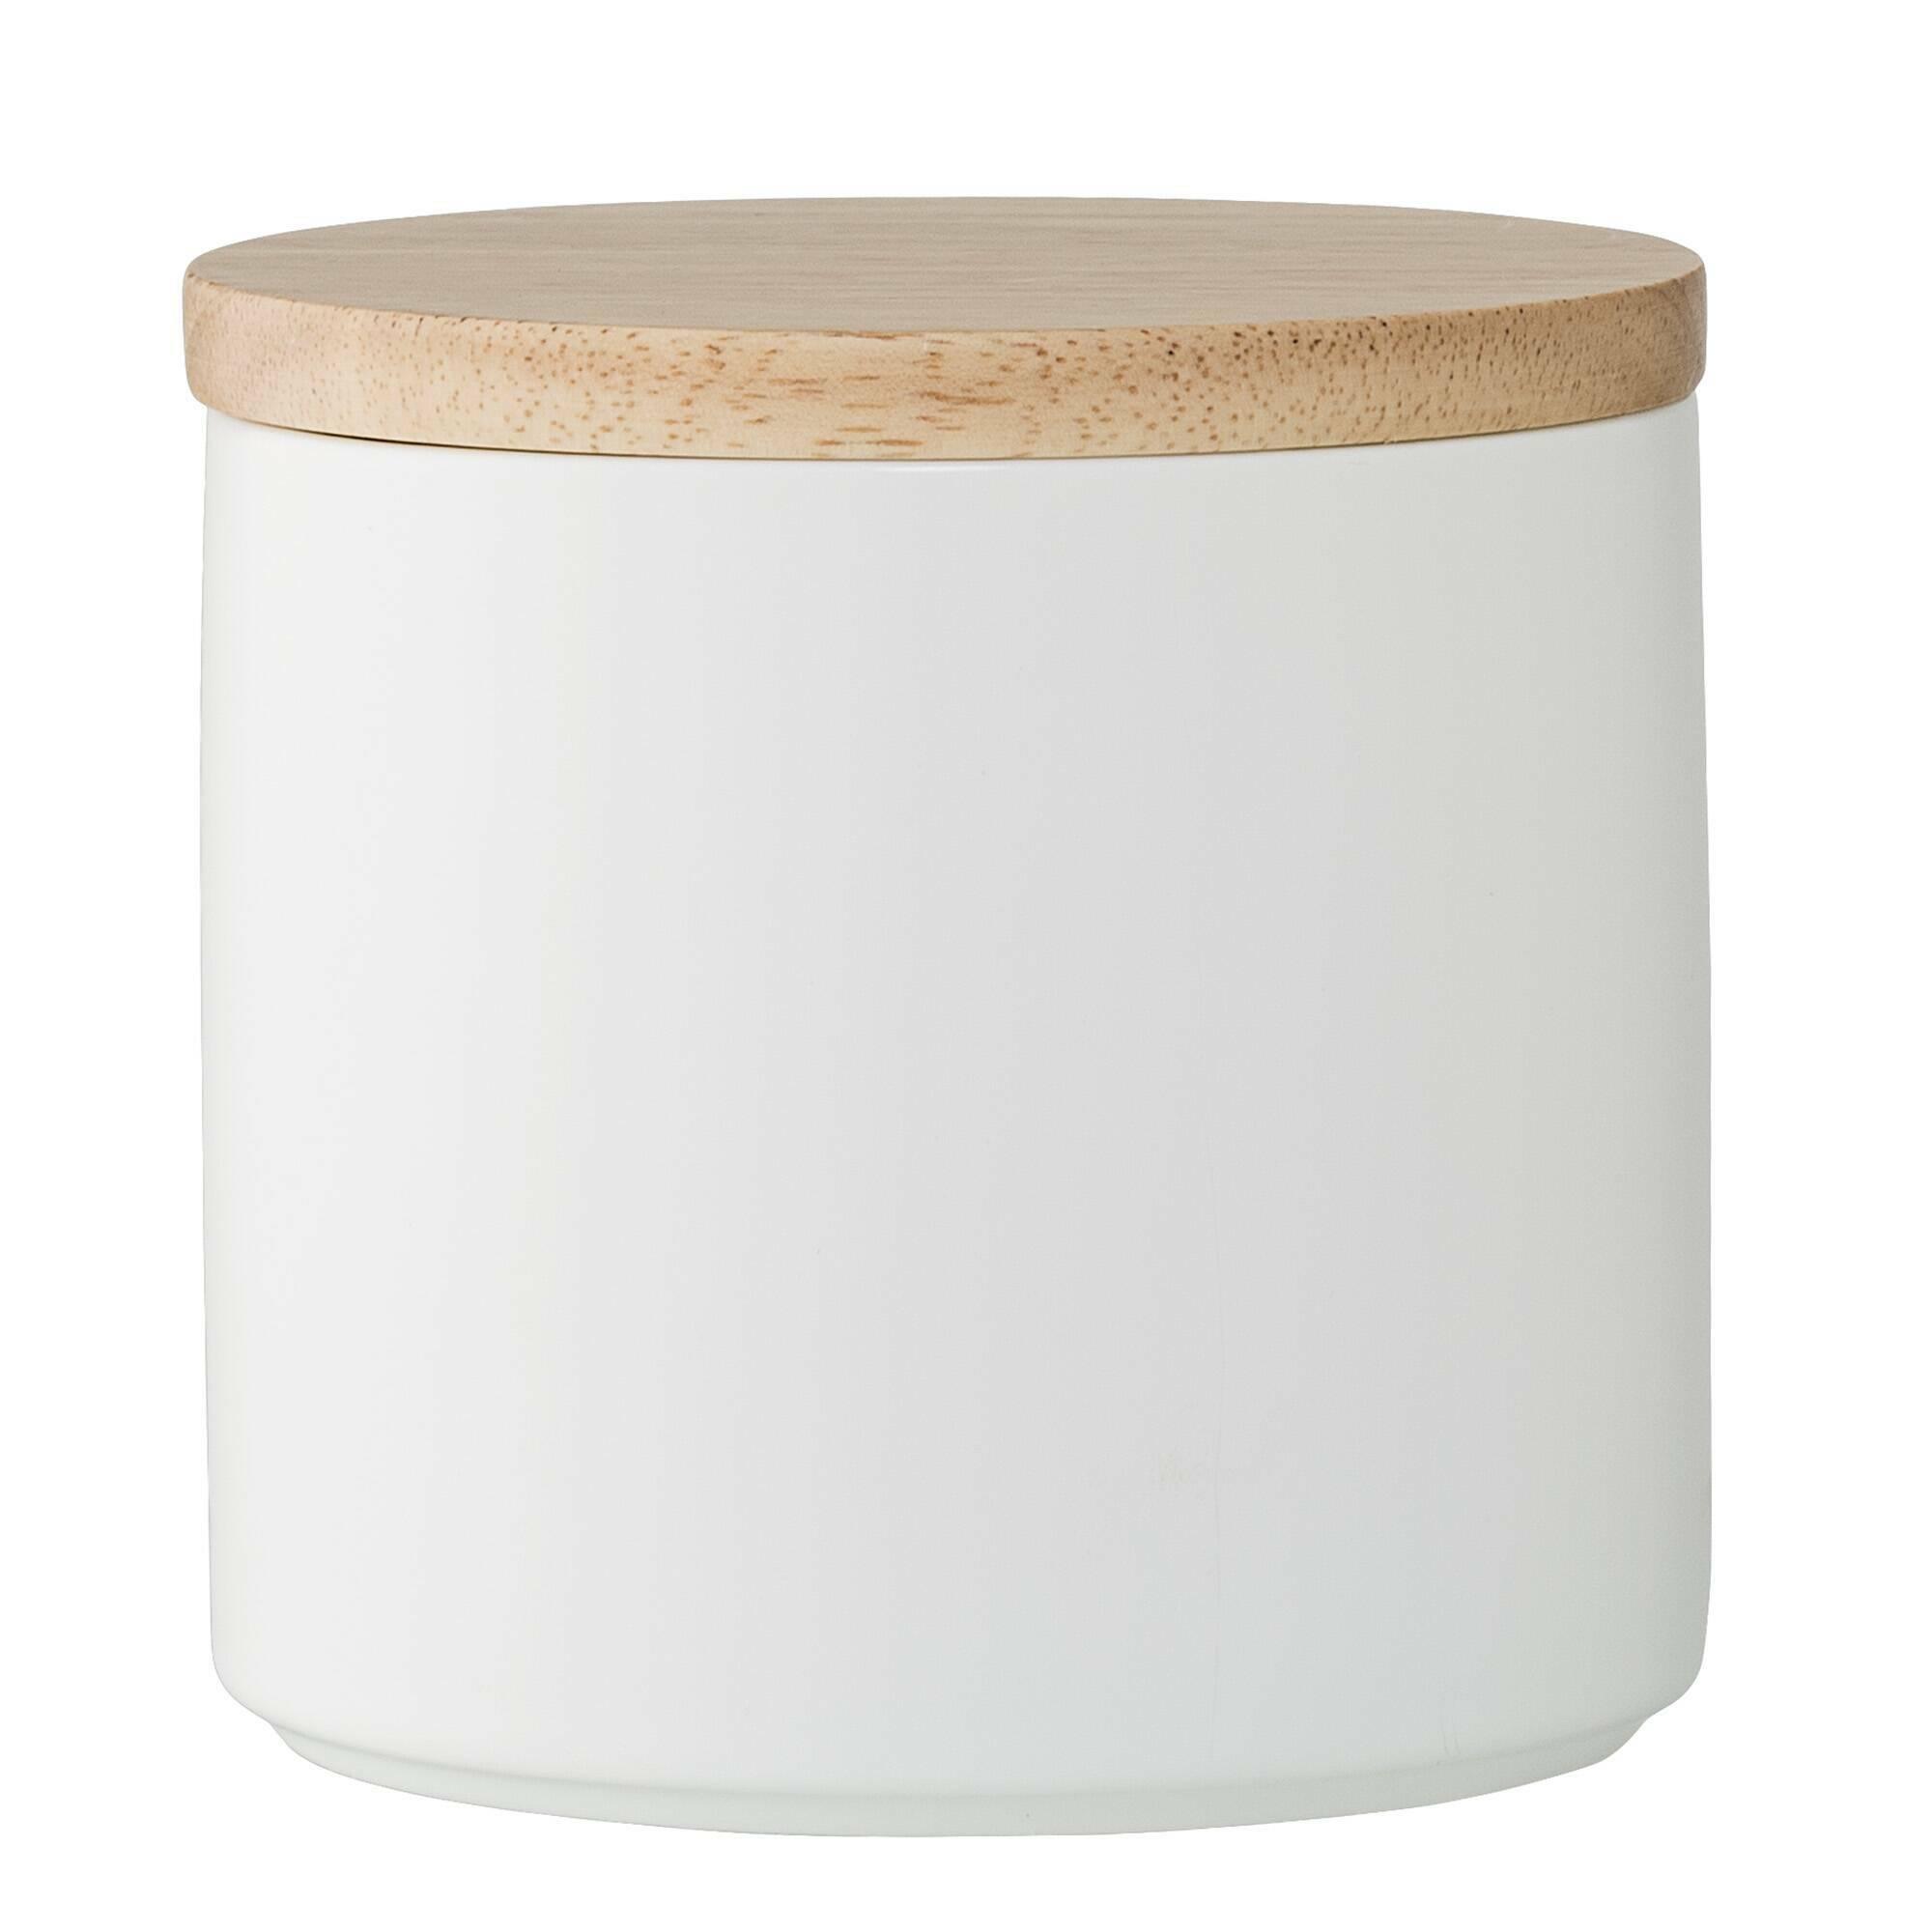 Купить Емкость для хранения с крышкой Wood & White, Bloomingville, Белый, Фарфор